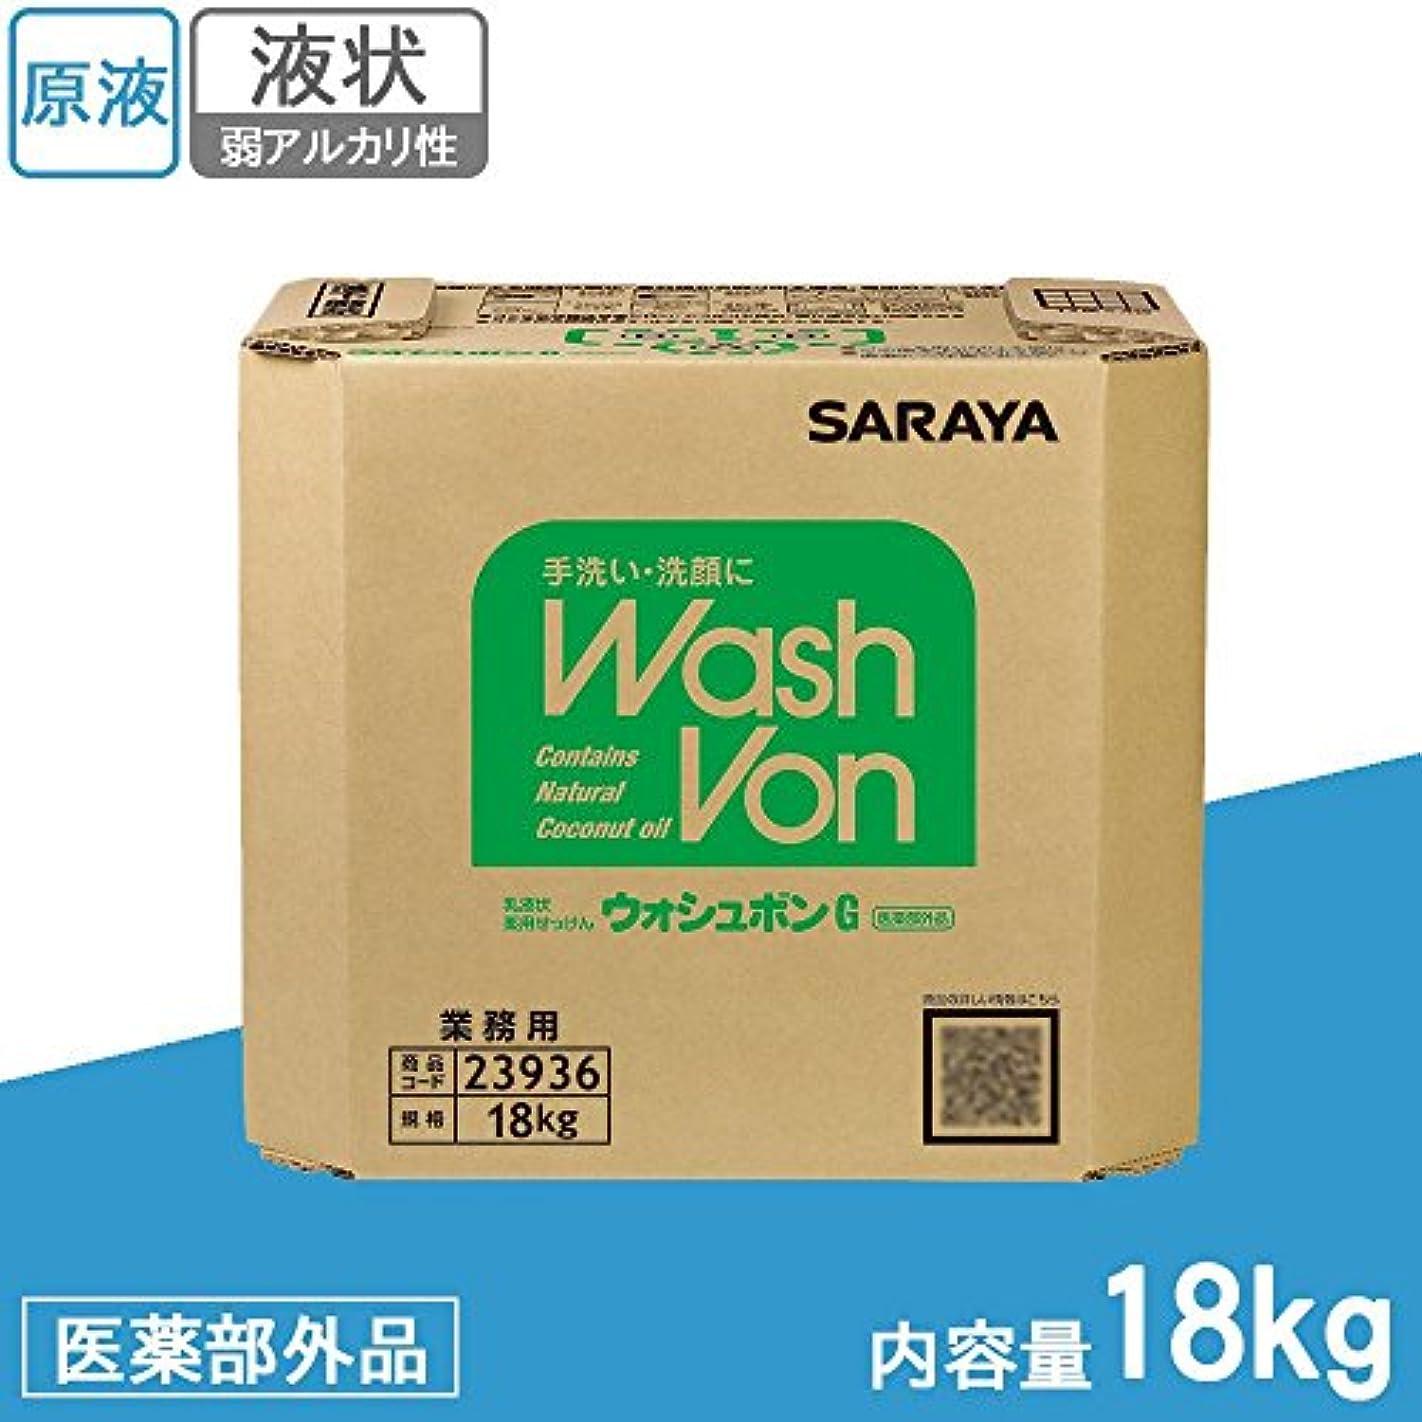 同種の恐怖症超えるサラヤ 業務用 乳液状薬用せっけん ウォシュボンG 18kg BIB 23936 (医薬部外品)